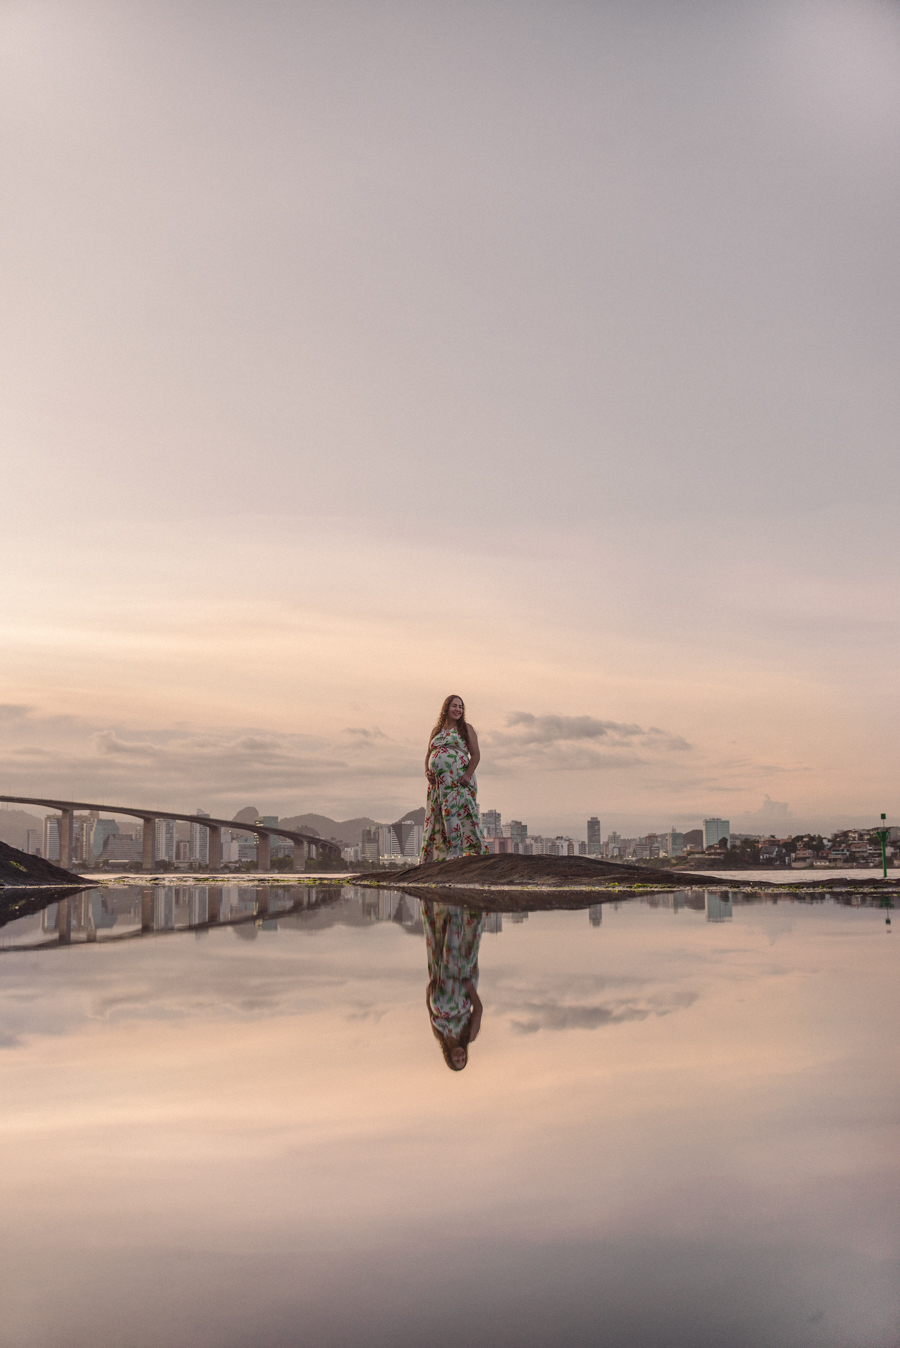 Retrato com reflexo da gestante sobre a água em Vila Velha, Morro do Moreno. Vista do por do sol, próximo a terceira ponte da capital Vitória - ES.